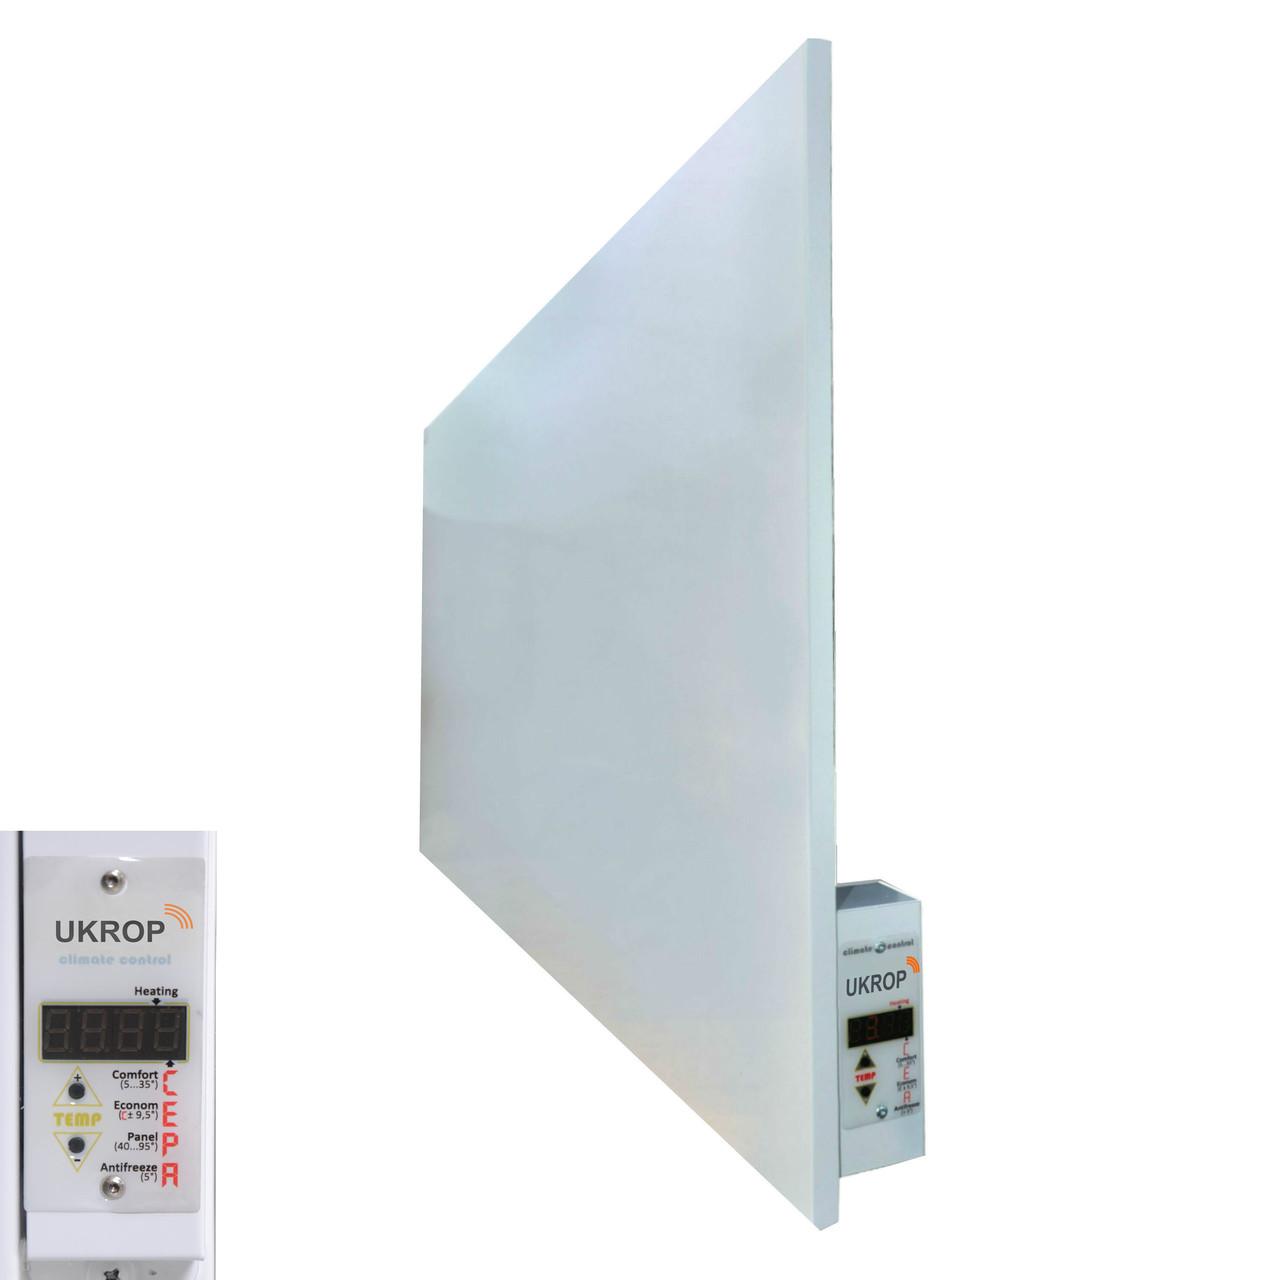 УКРОП МЕТАЛИК 700ВТ умный обогреватель с цифровым терморегулятором инфракрасная панель